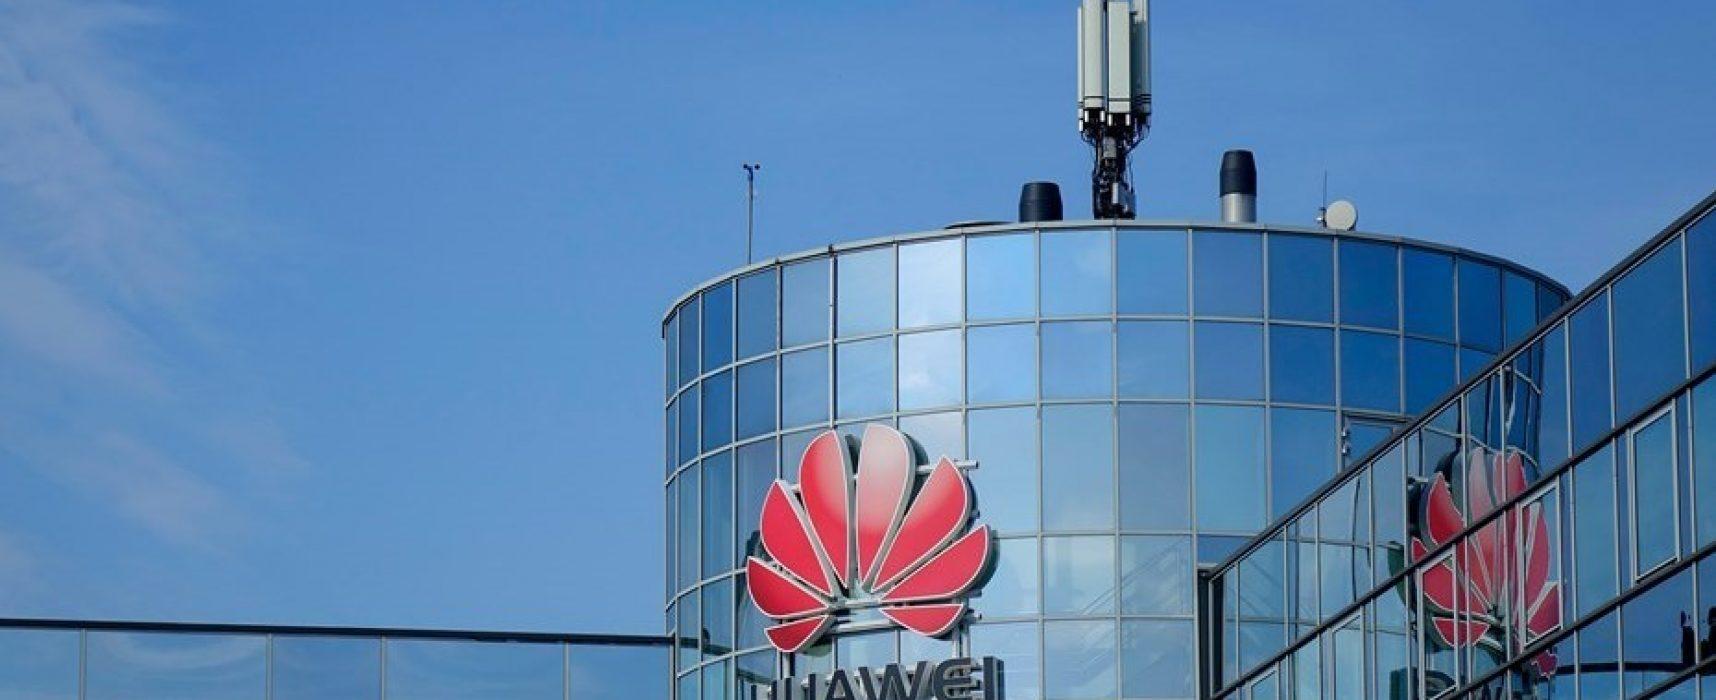 Фейк «Вестей»: Huawei собирается перейти на российскую операционную систему